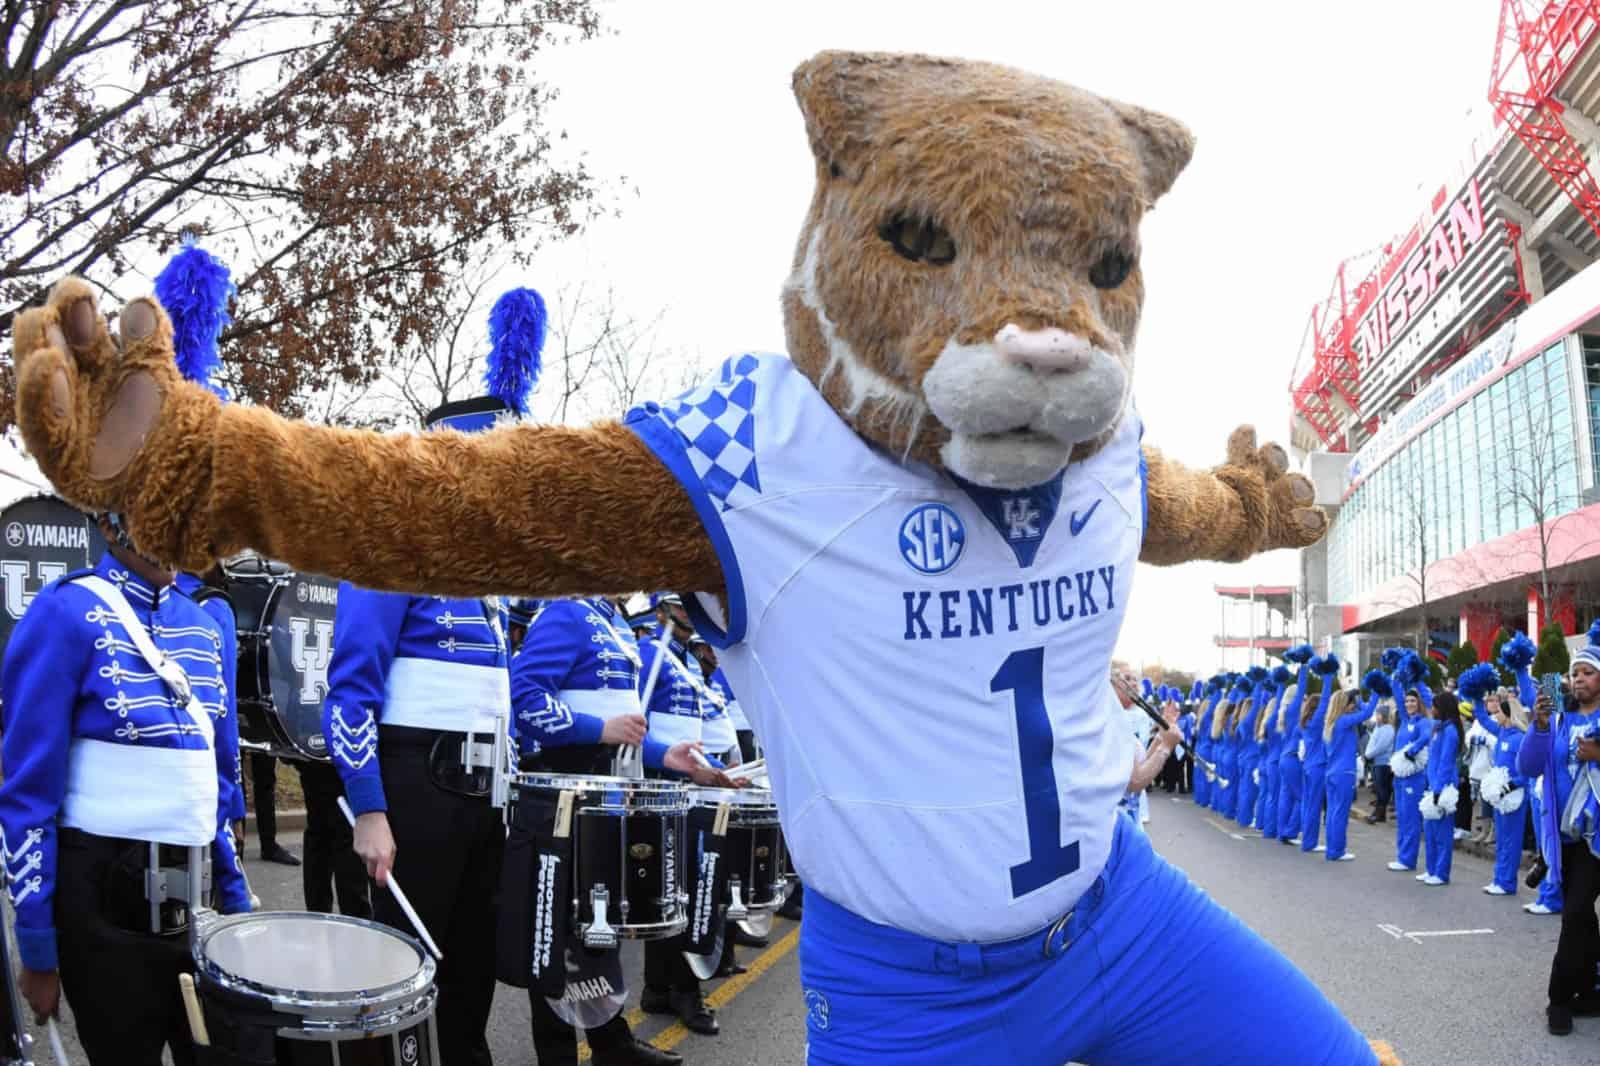 Kentucky Mascot